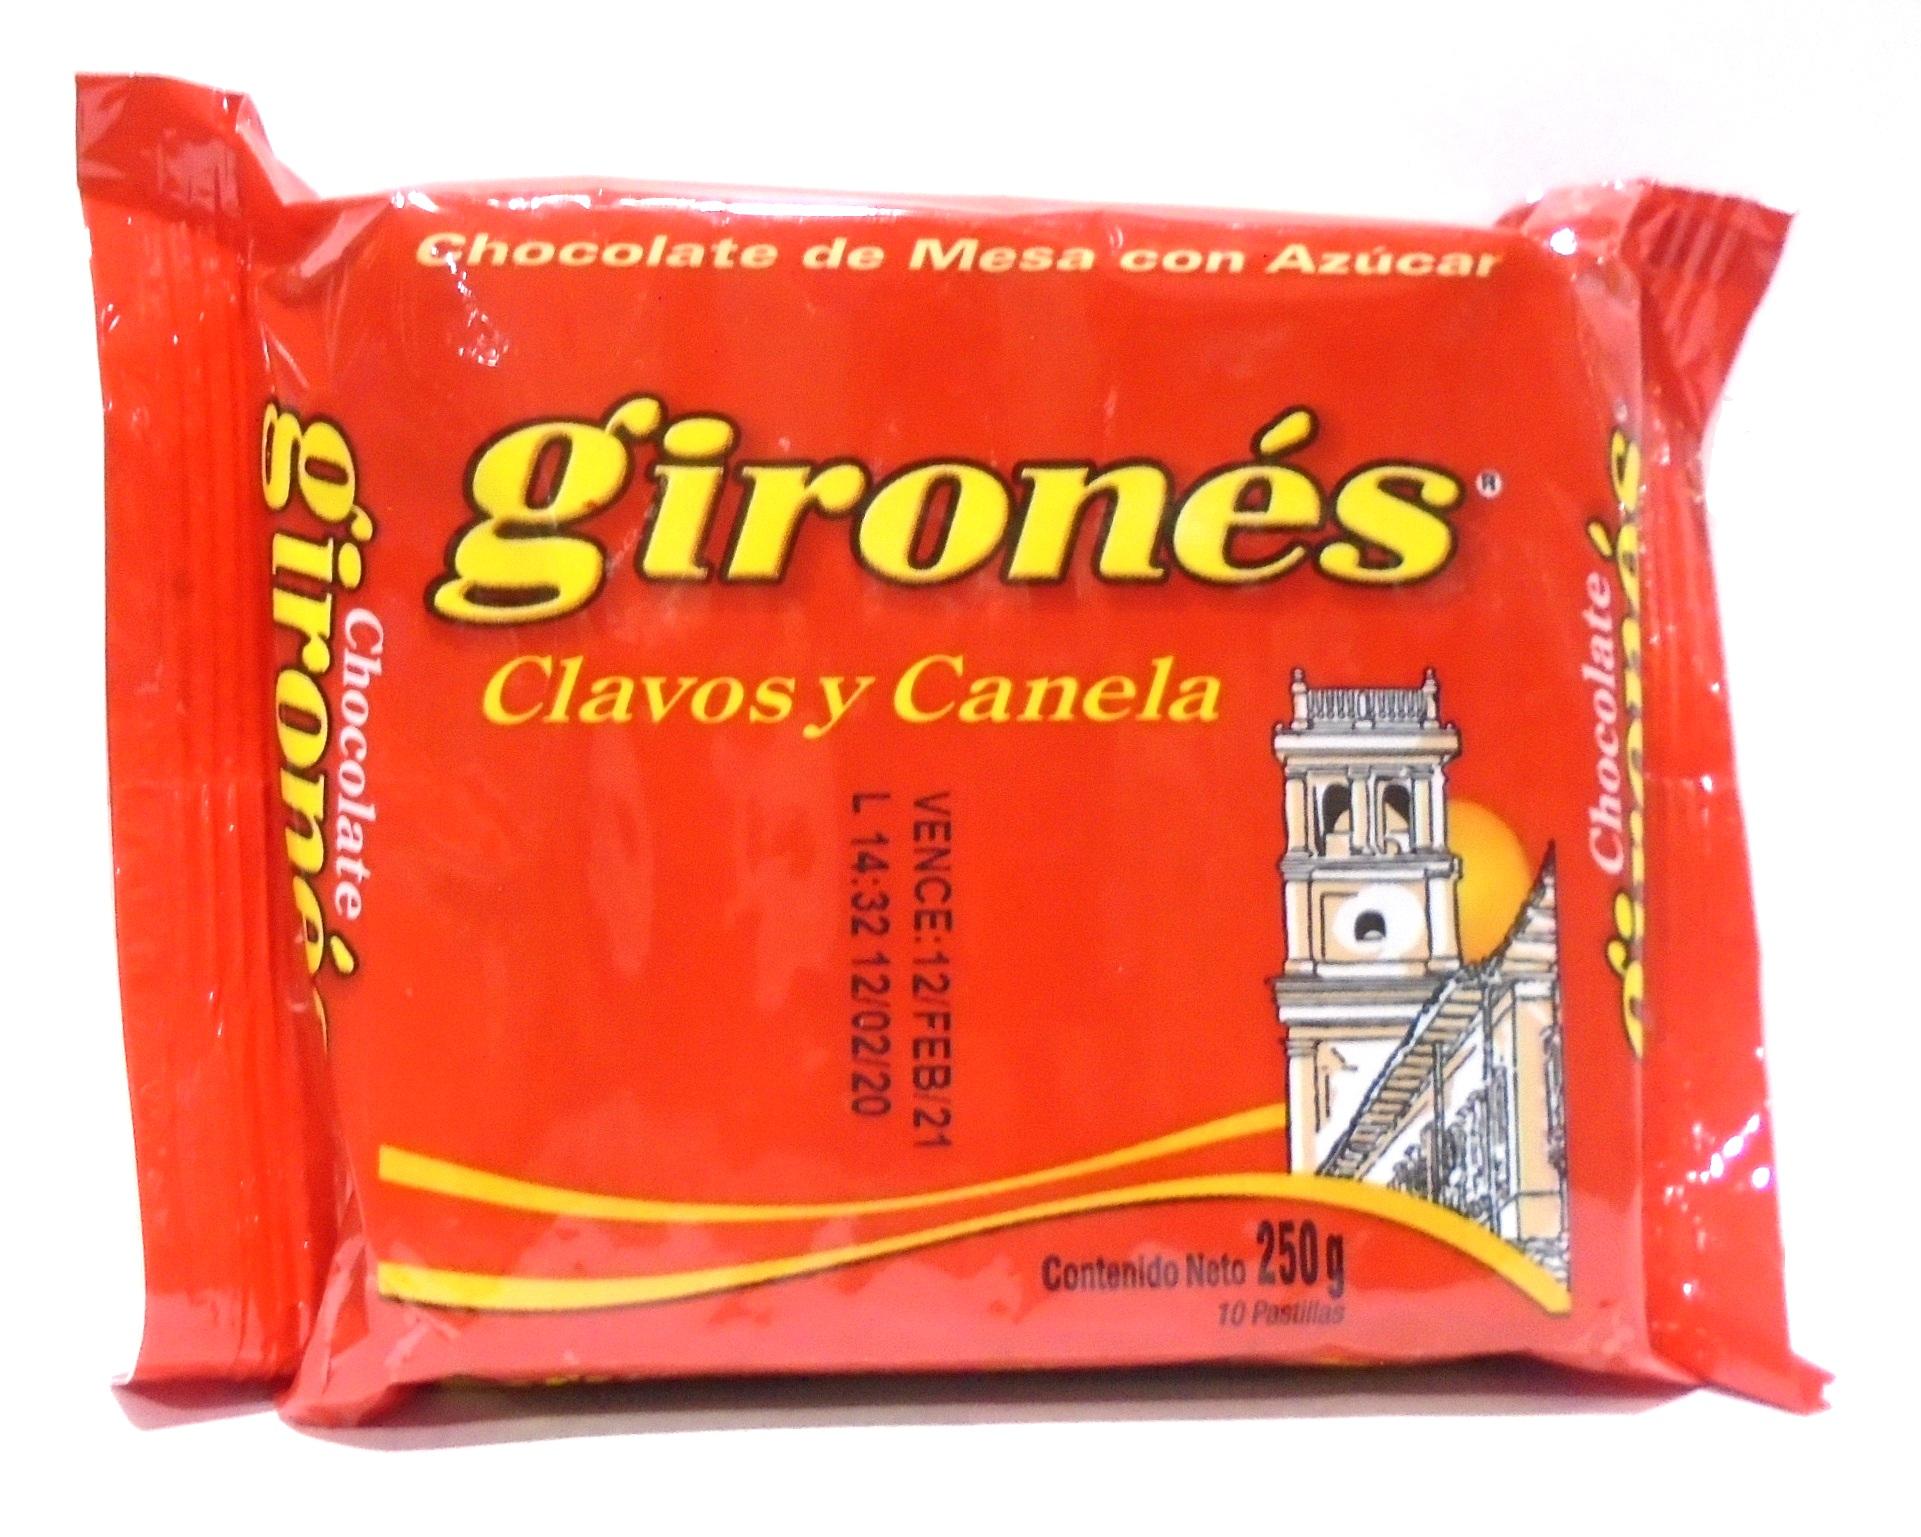 Chocolate Girones Clavos y Canela 250g